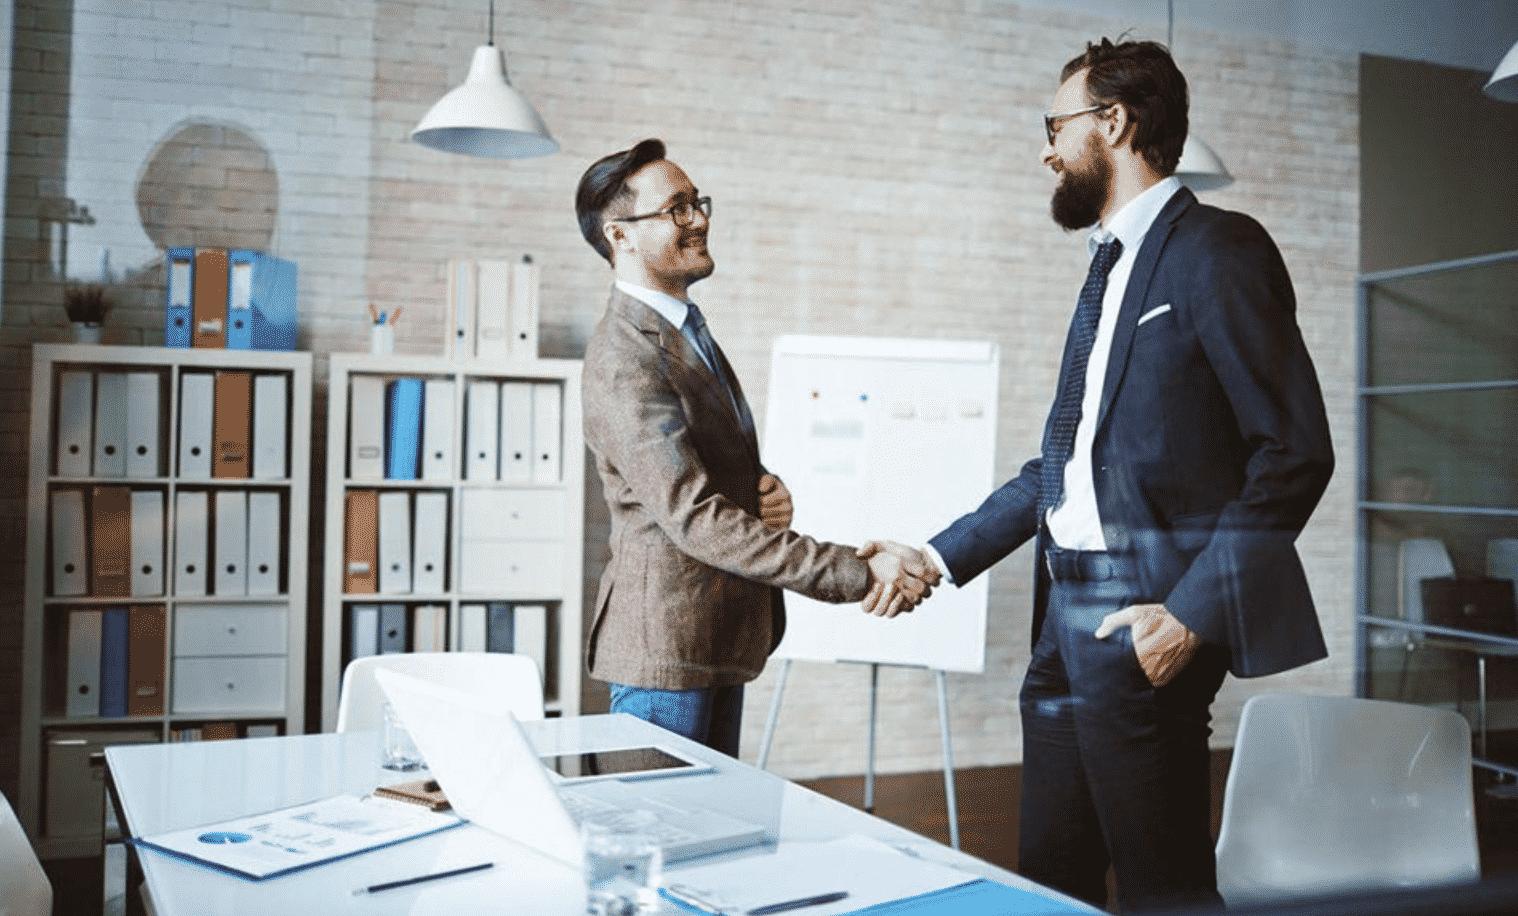 5 Unique Ideas for Marketing a Condo Development Online